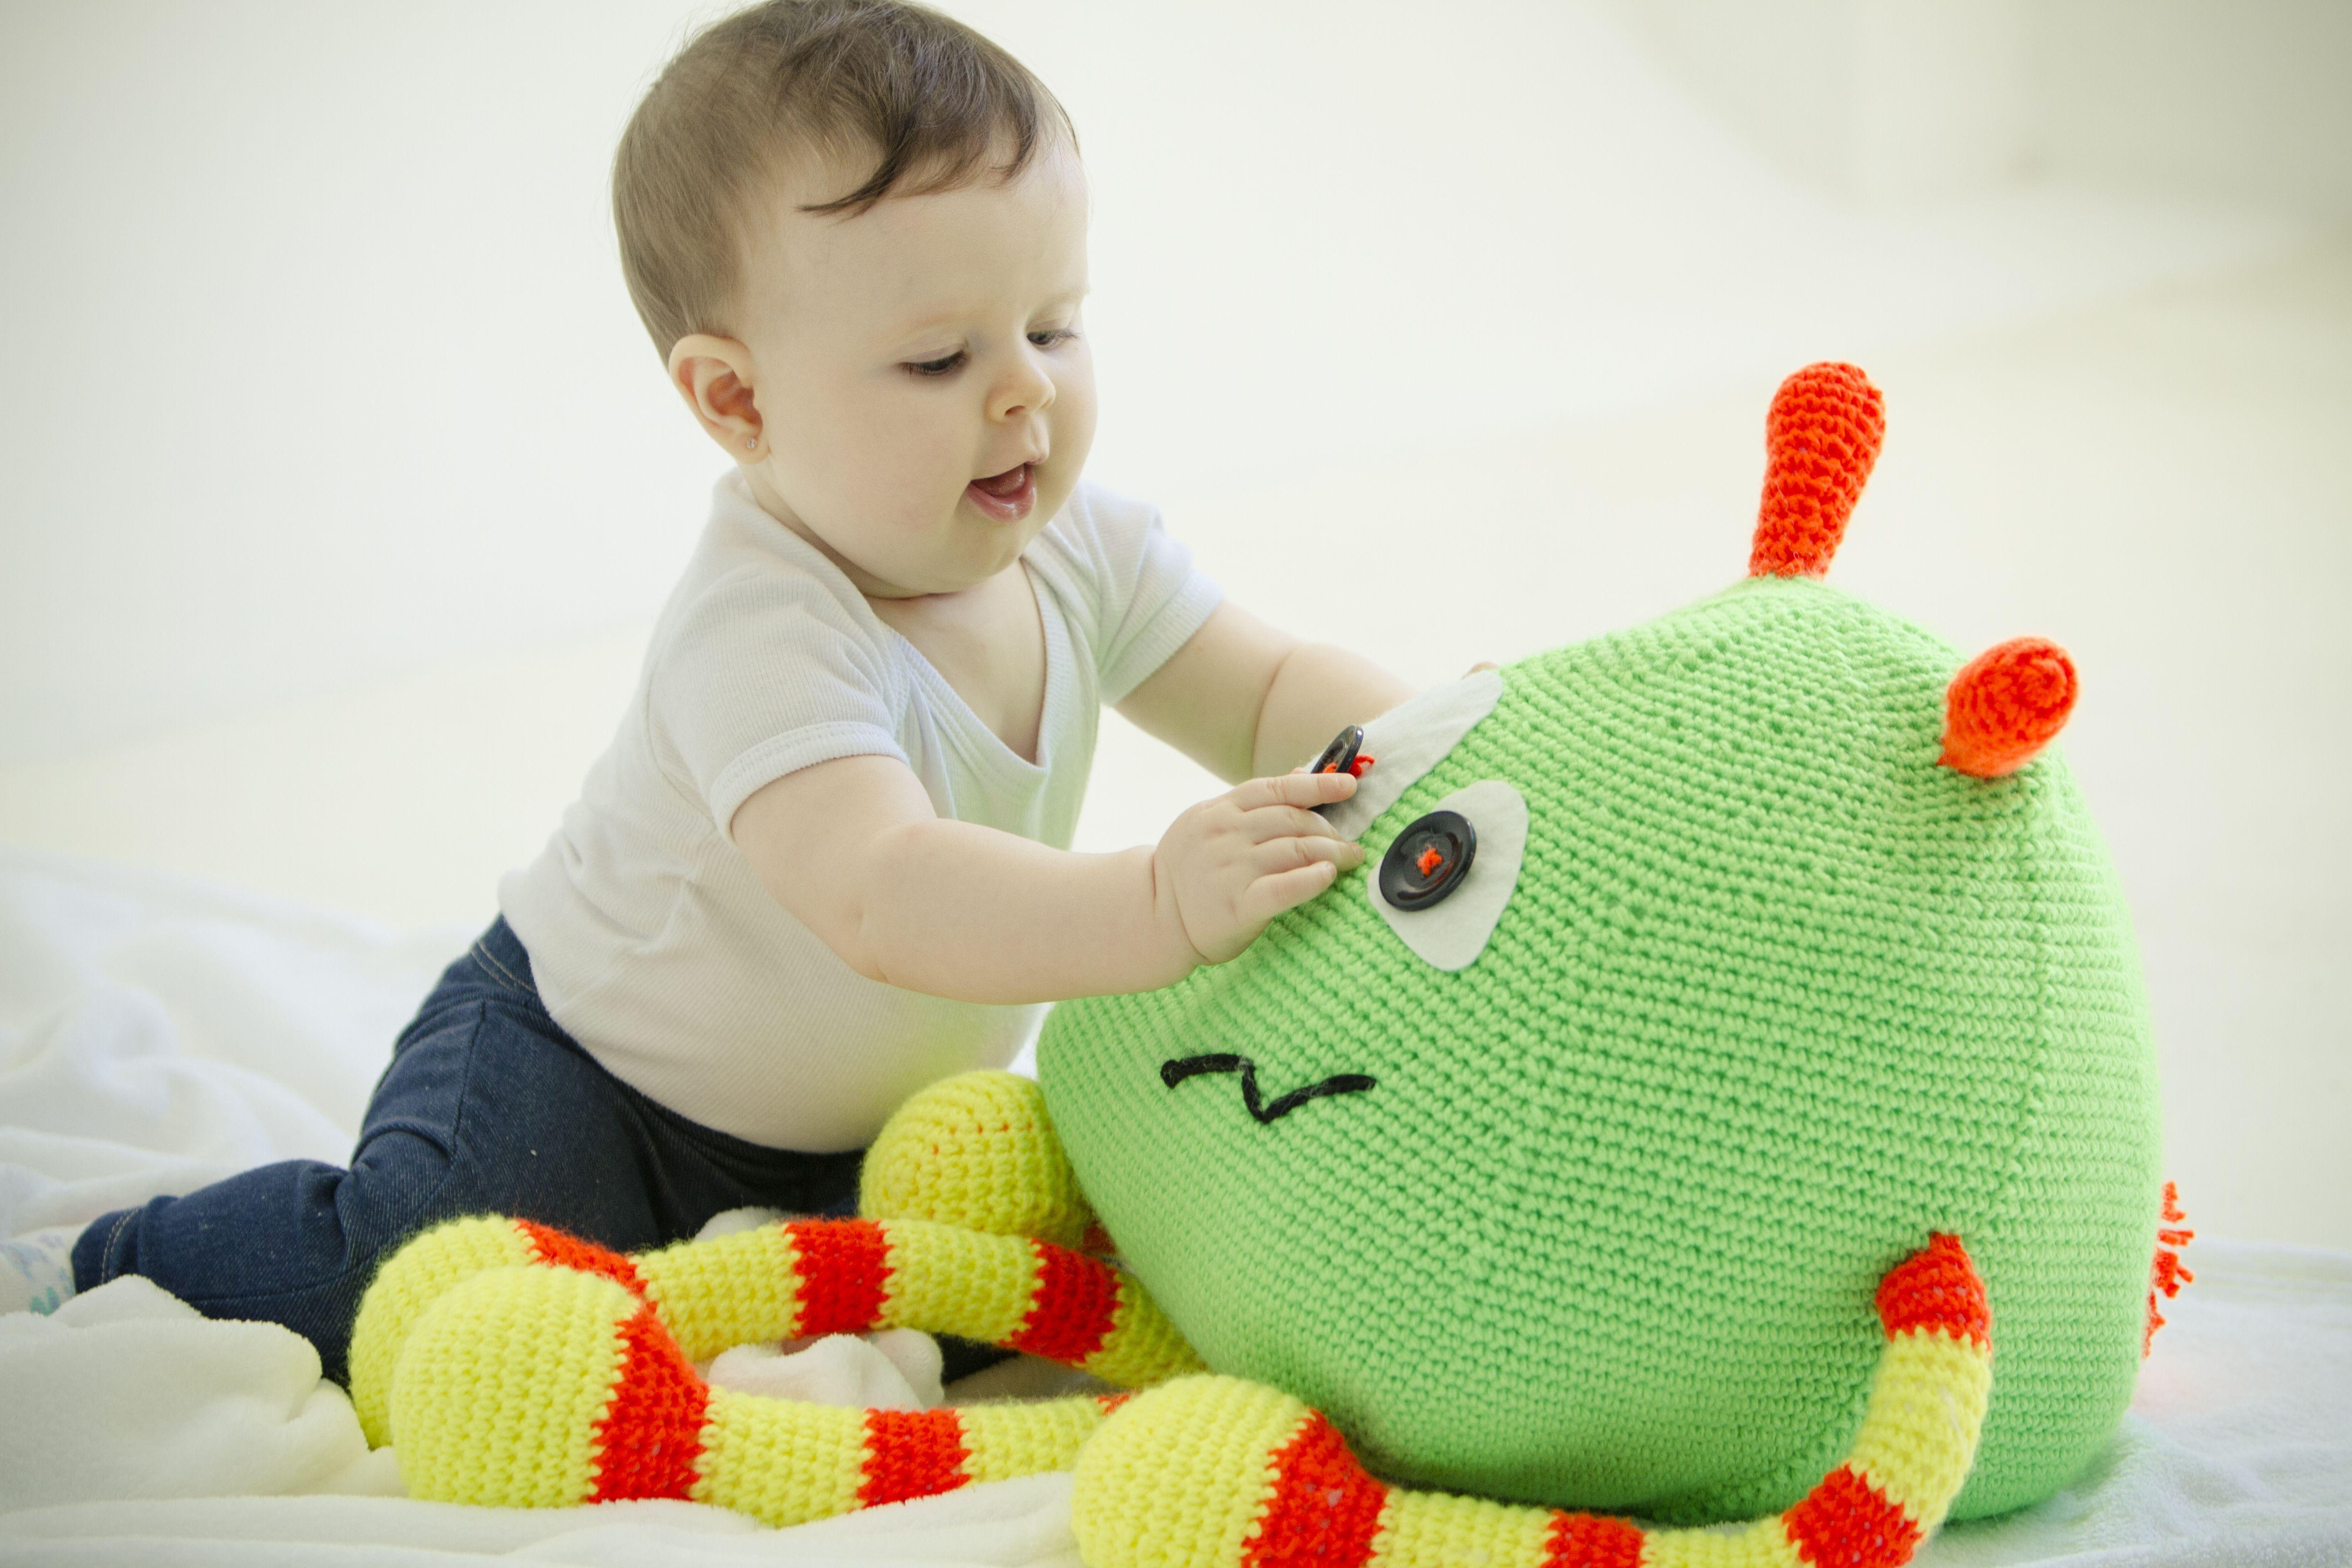 Monstrinho fofo de Crochê, Caruzo s2 > Criação: Gisele Pericinotto - Desenvolvimento: Paula Cappelli Saad, para Coats Corrente - Receitas no site: http://www.coatscrafts.com.br/